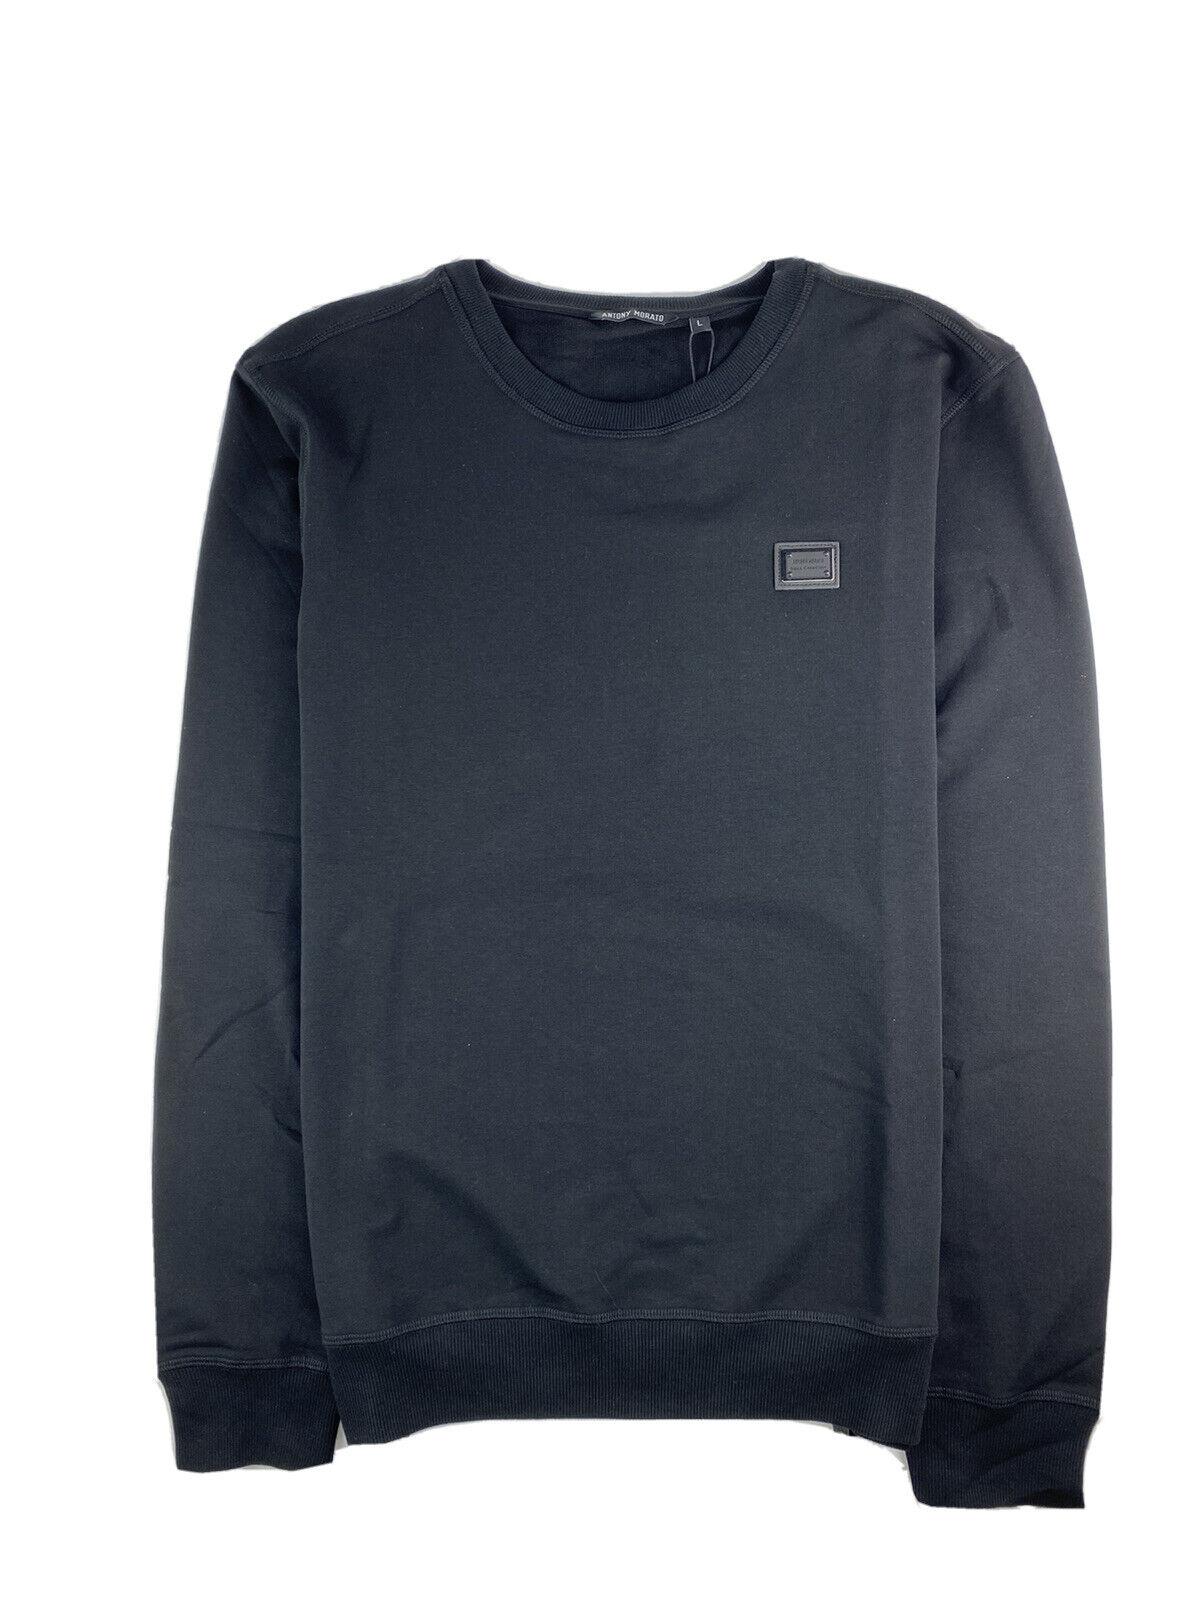 Antony Morato Men's Black Sweatshirt